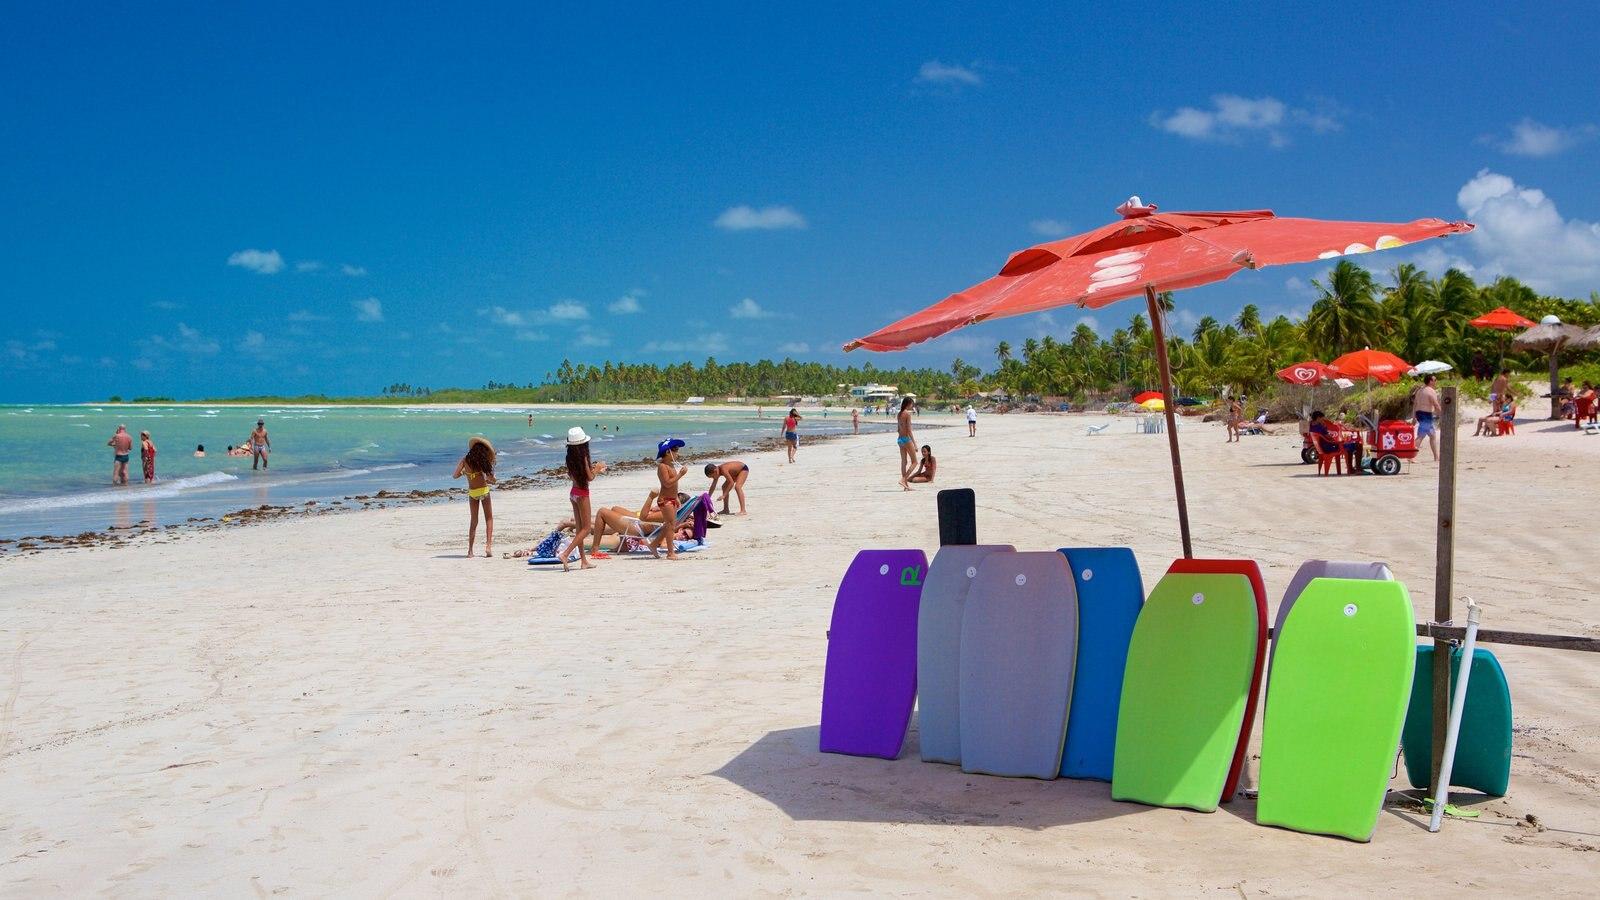 Praia de Paripueira caracterizando paisagens litorâneas, esportes aquáticos e uma praia de areia